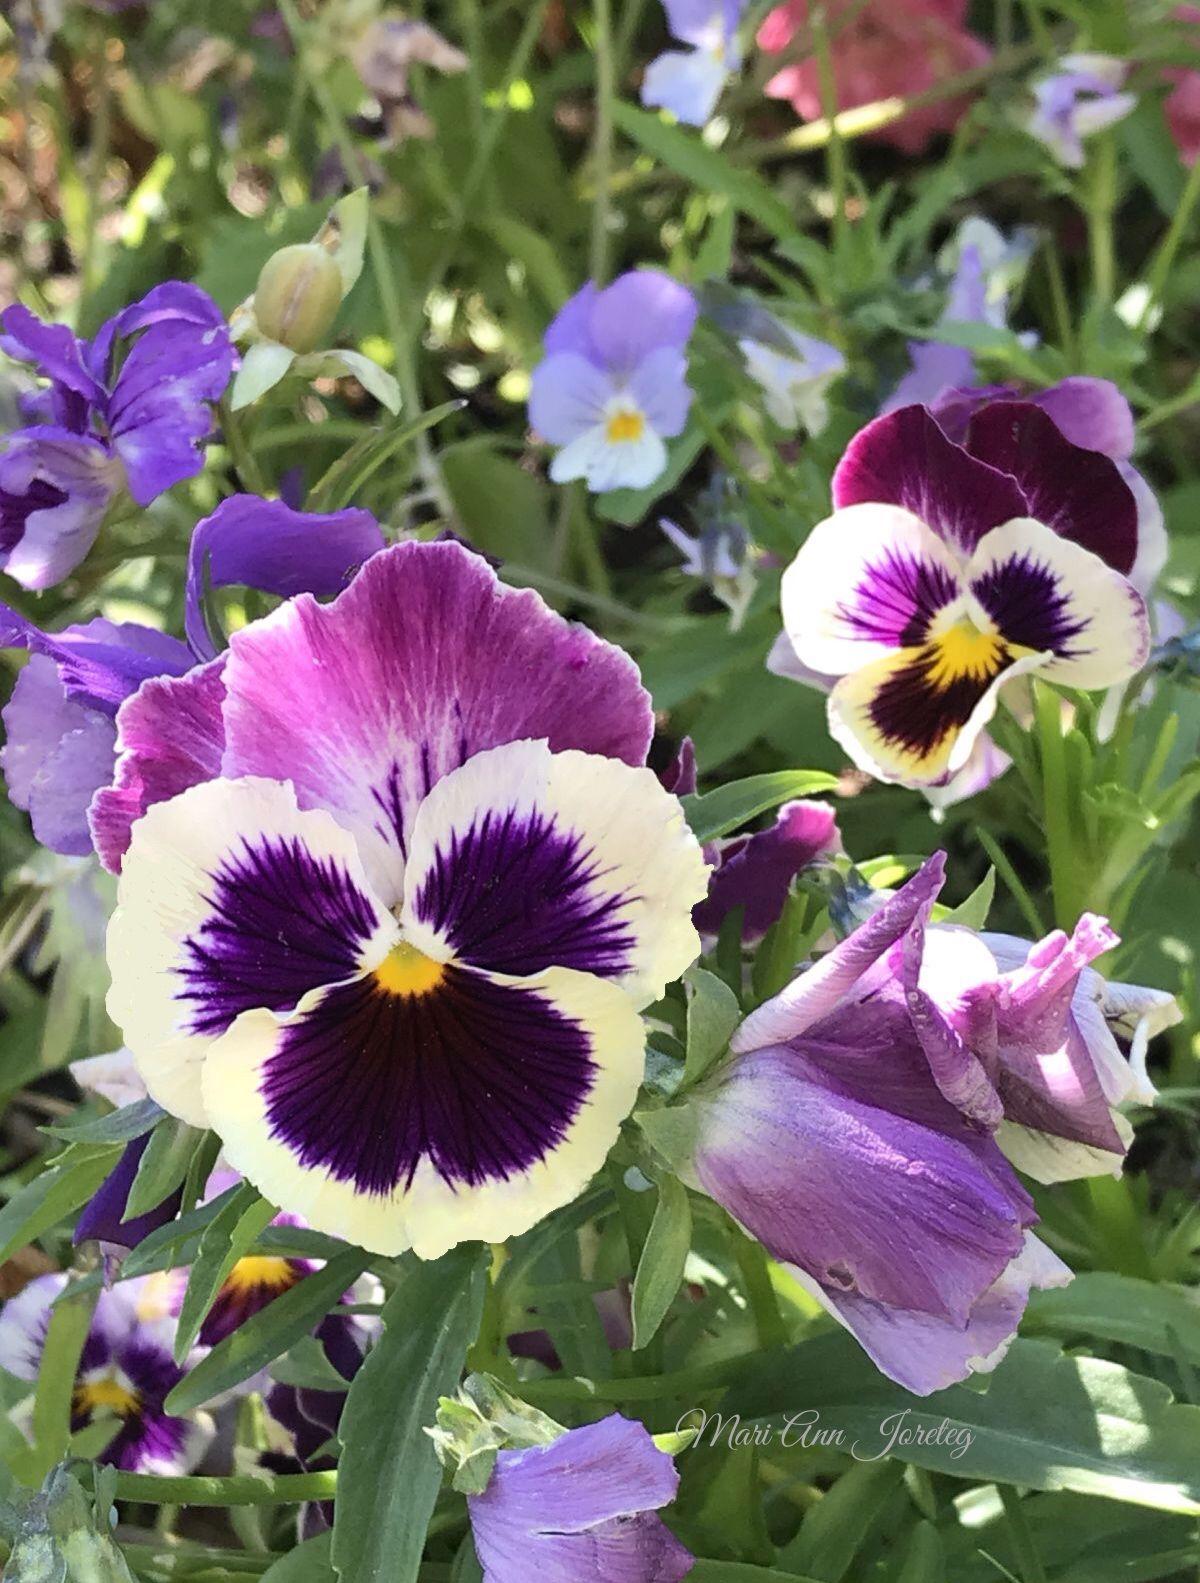 Pin By Helene Girard On Jardinage Pansy Garden Pansies Beautiful Blooms